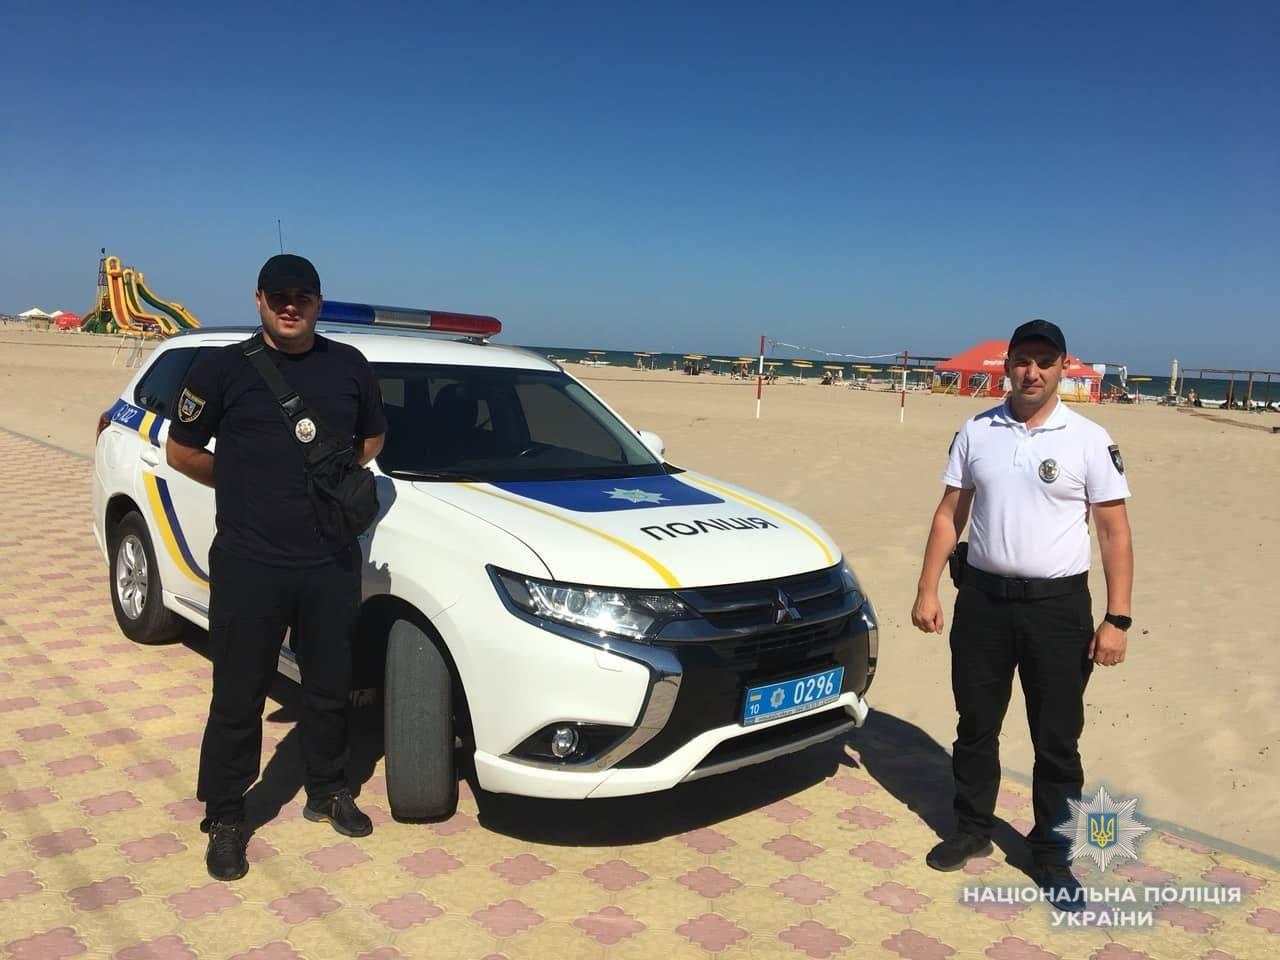 Полицейские отыскали на пляже ребенка, мать которого думала, что мальчик погиб